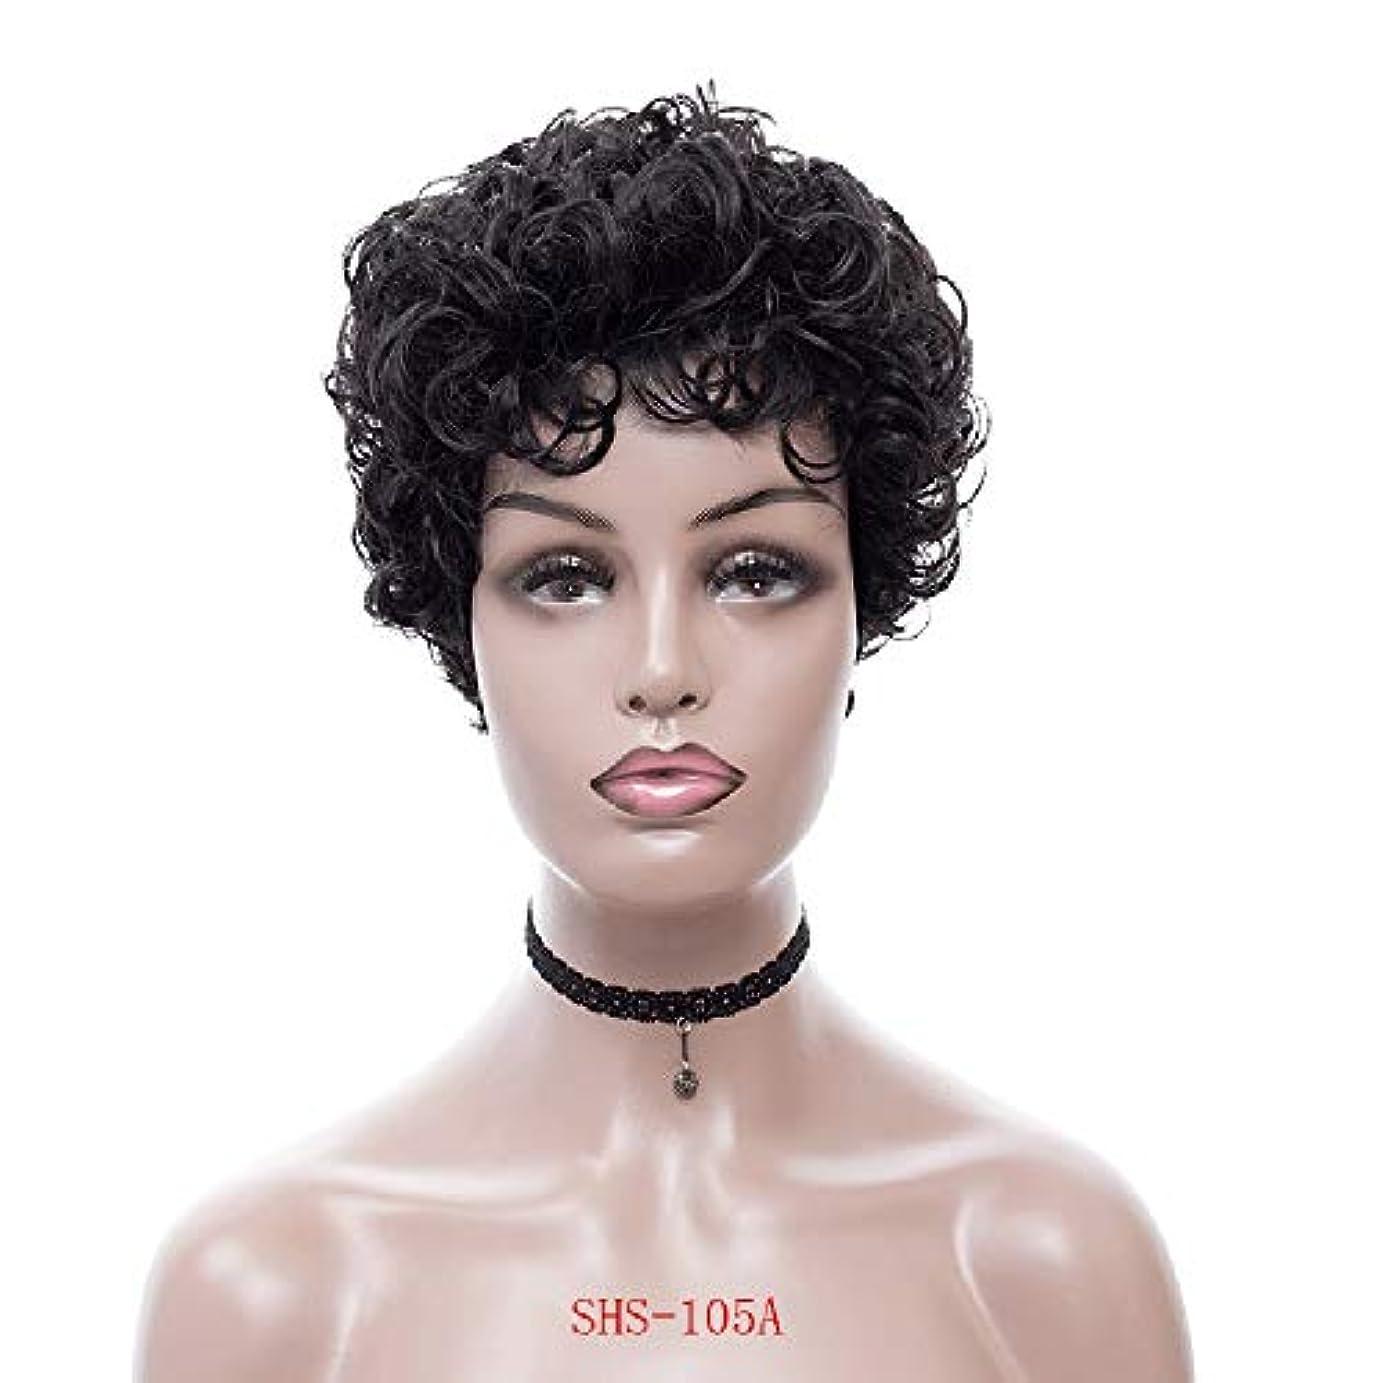 する必要がある品揃え着替えるESTELLEF黒人女性用ショートカーリーキンキーウィッグふわふわウェーブのかかった人工毛ウィッグナチュラルウィッグ耐熱ウィッグウィッグキャップ付き